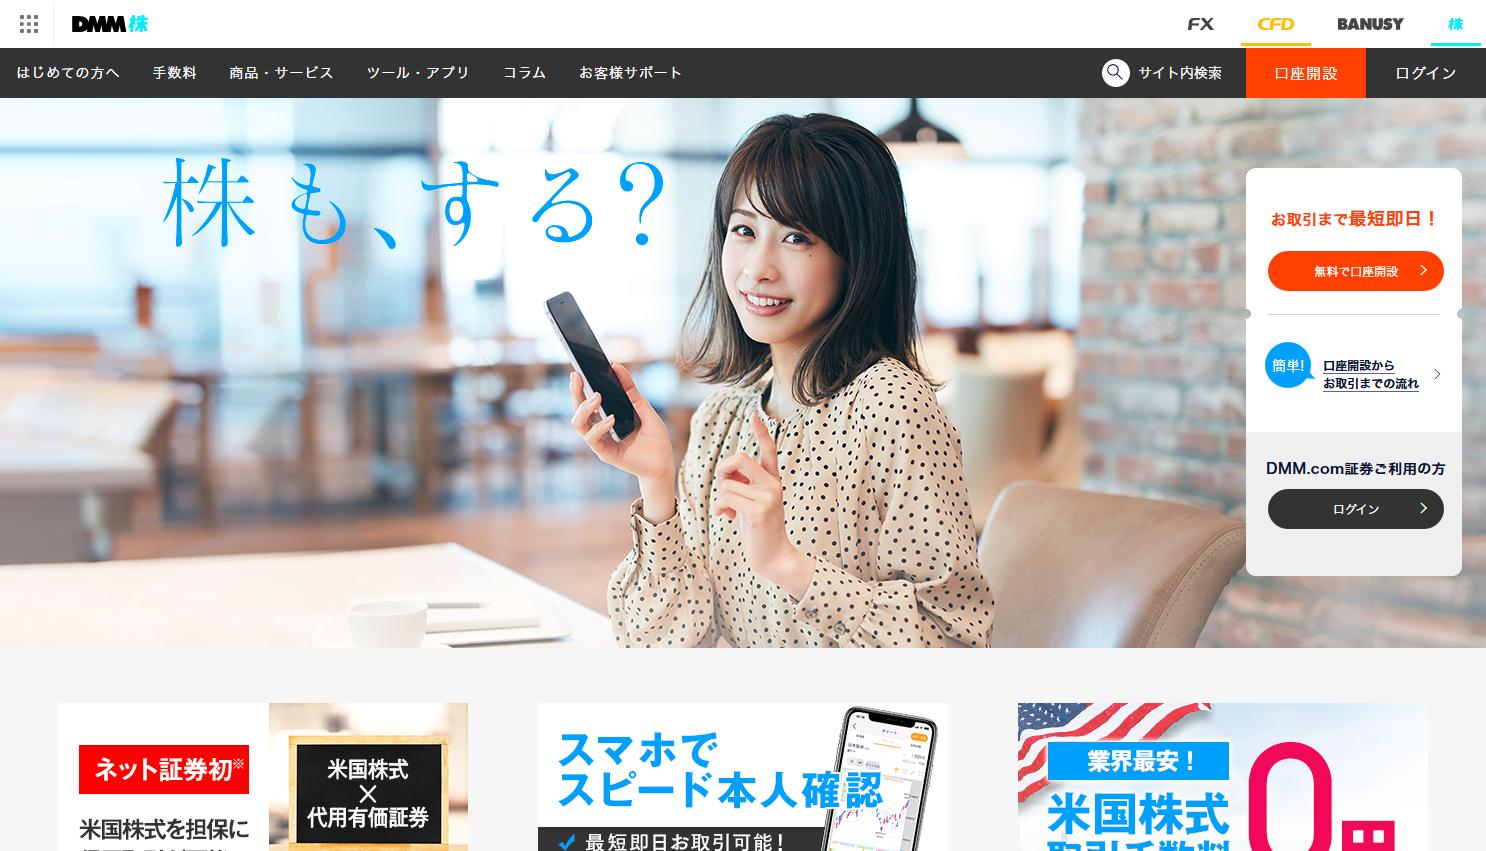 携帯 サイト 証券 松井